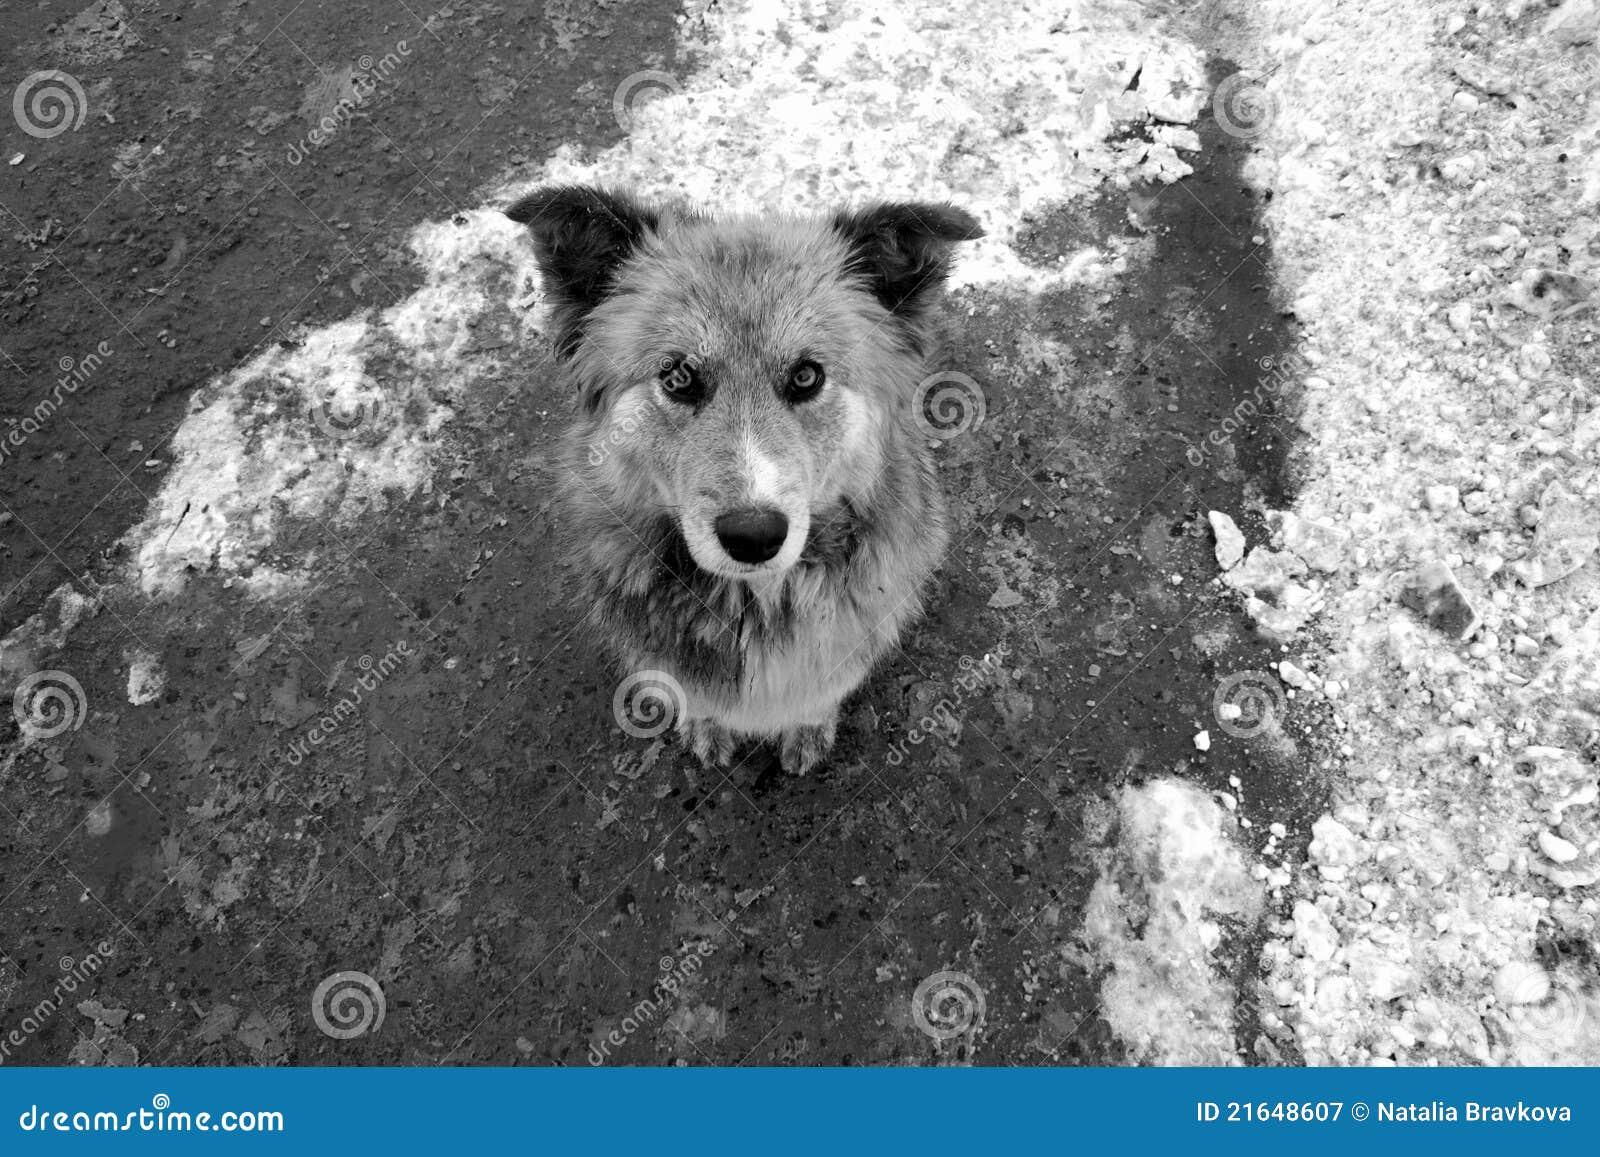 dog photo road - photo #41